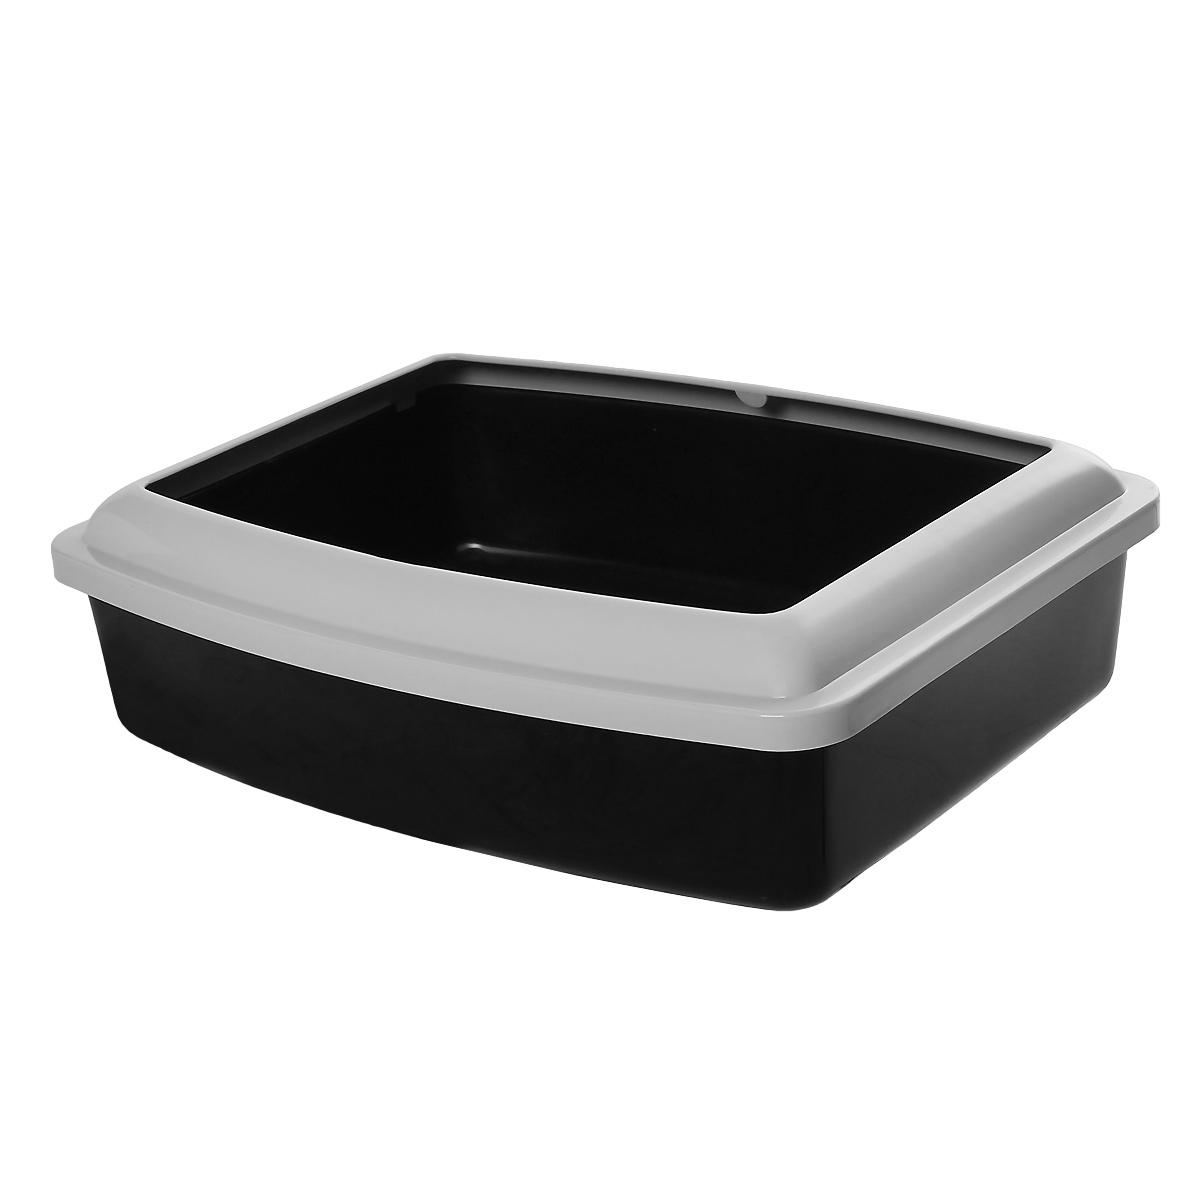 Туалет для кошек Savic Oval Trey Medium, с бортом, цвет: черный, серый, 42 см х 33 см224Туалет для кошек Savic Oval Trey Medium изготовлен из качественного прочного пластика. Высокий цветной борт, прикрепленный по периметру лотка, удобно защелкивается и предотвращает разбрасывание наполнителя. Это самый простой в употреблении предмет обихода для кошек и котов.